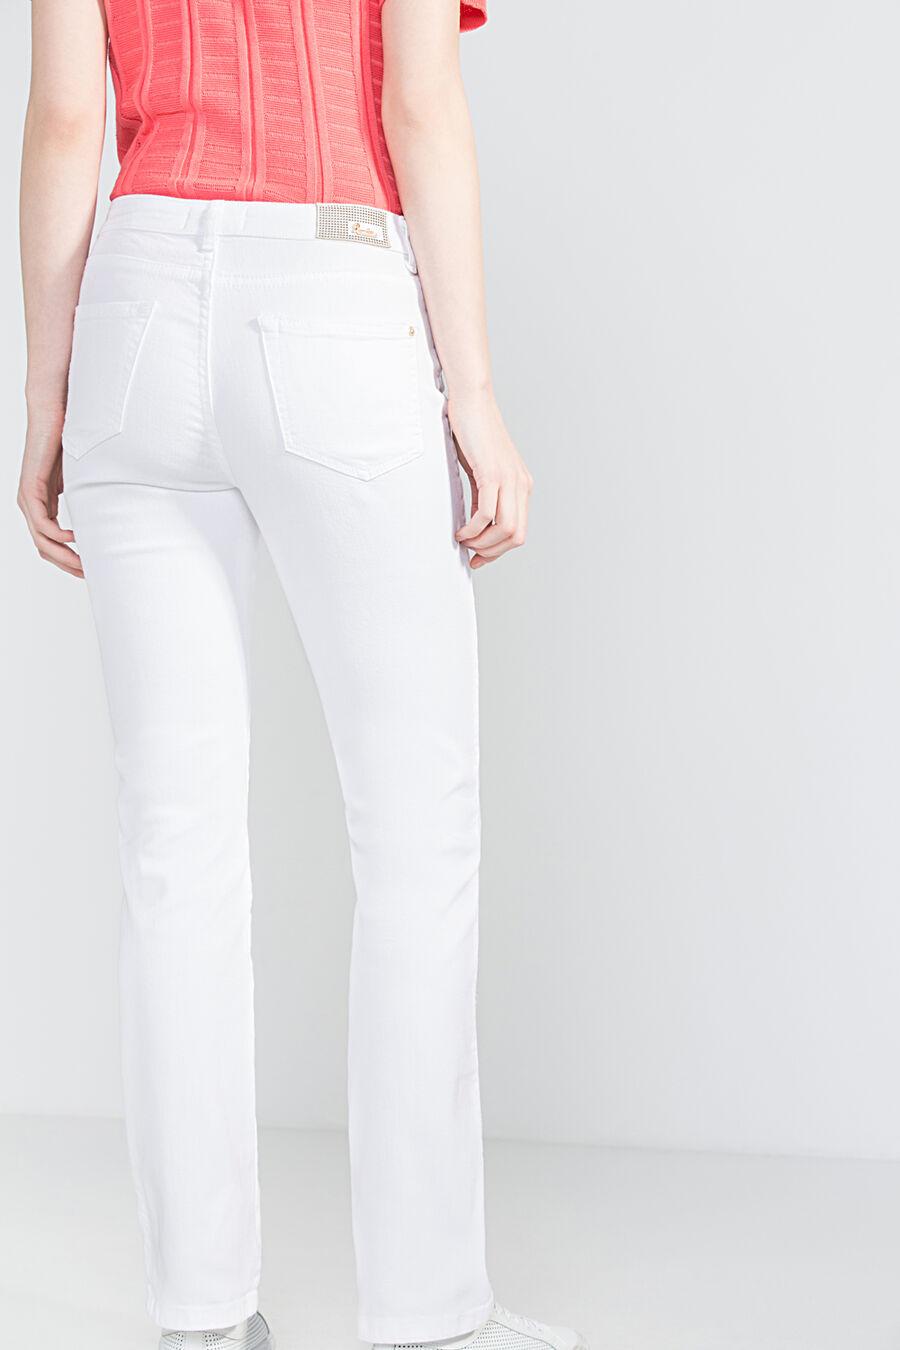 Regular premium denim trousers